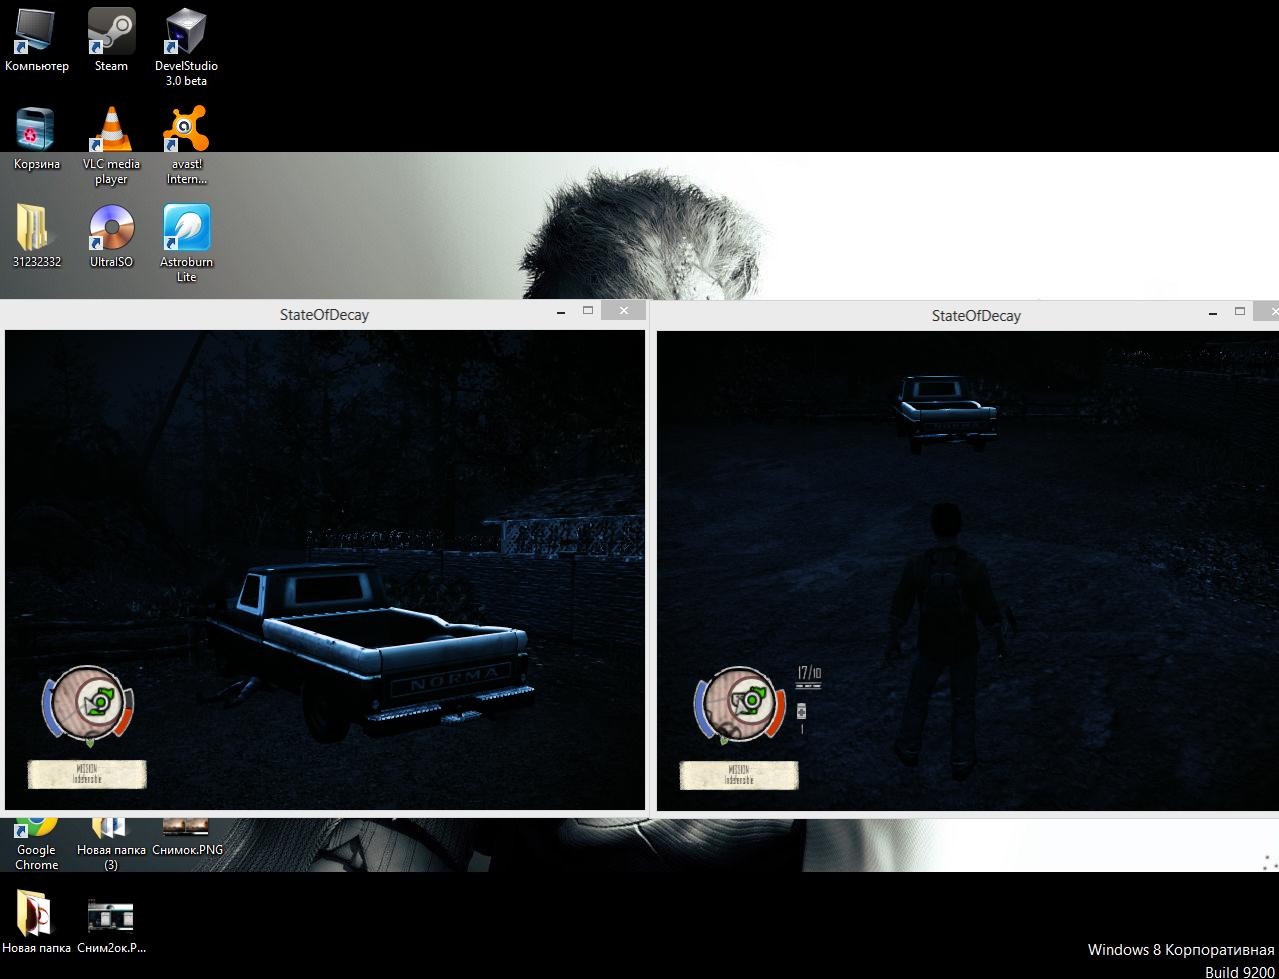 Как сделать state of decay на полном экране